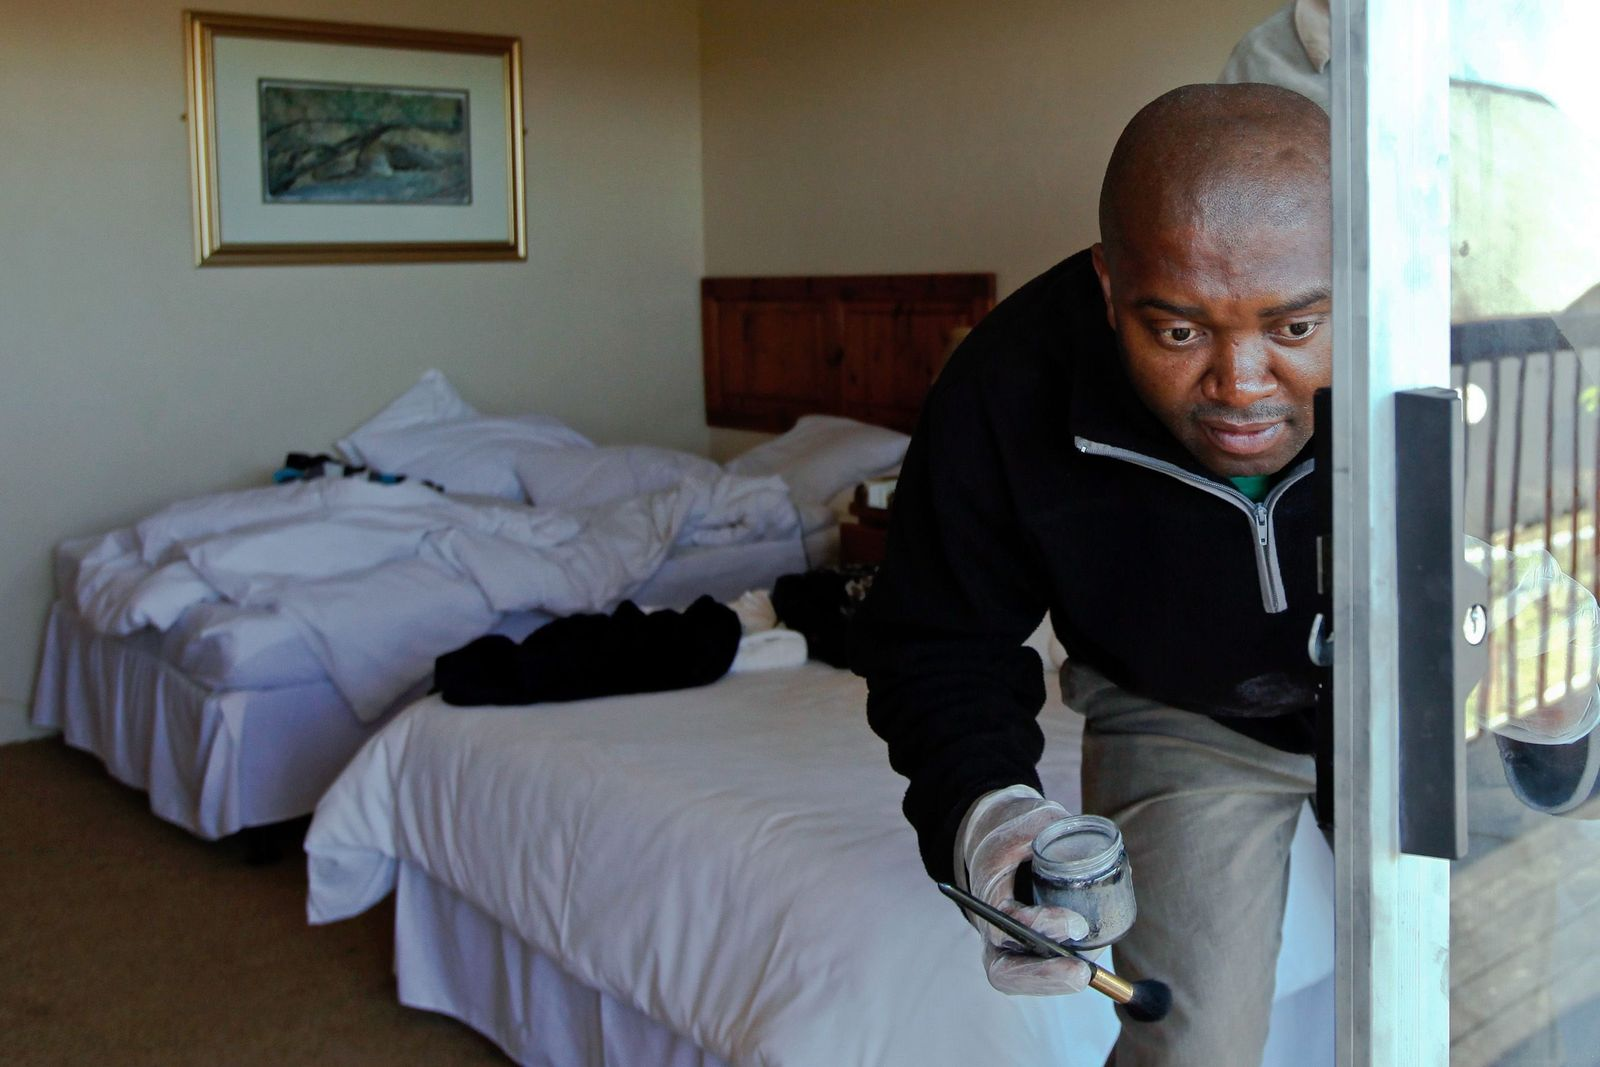 Südafrika / Journalisten ausgeraubt